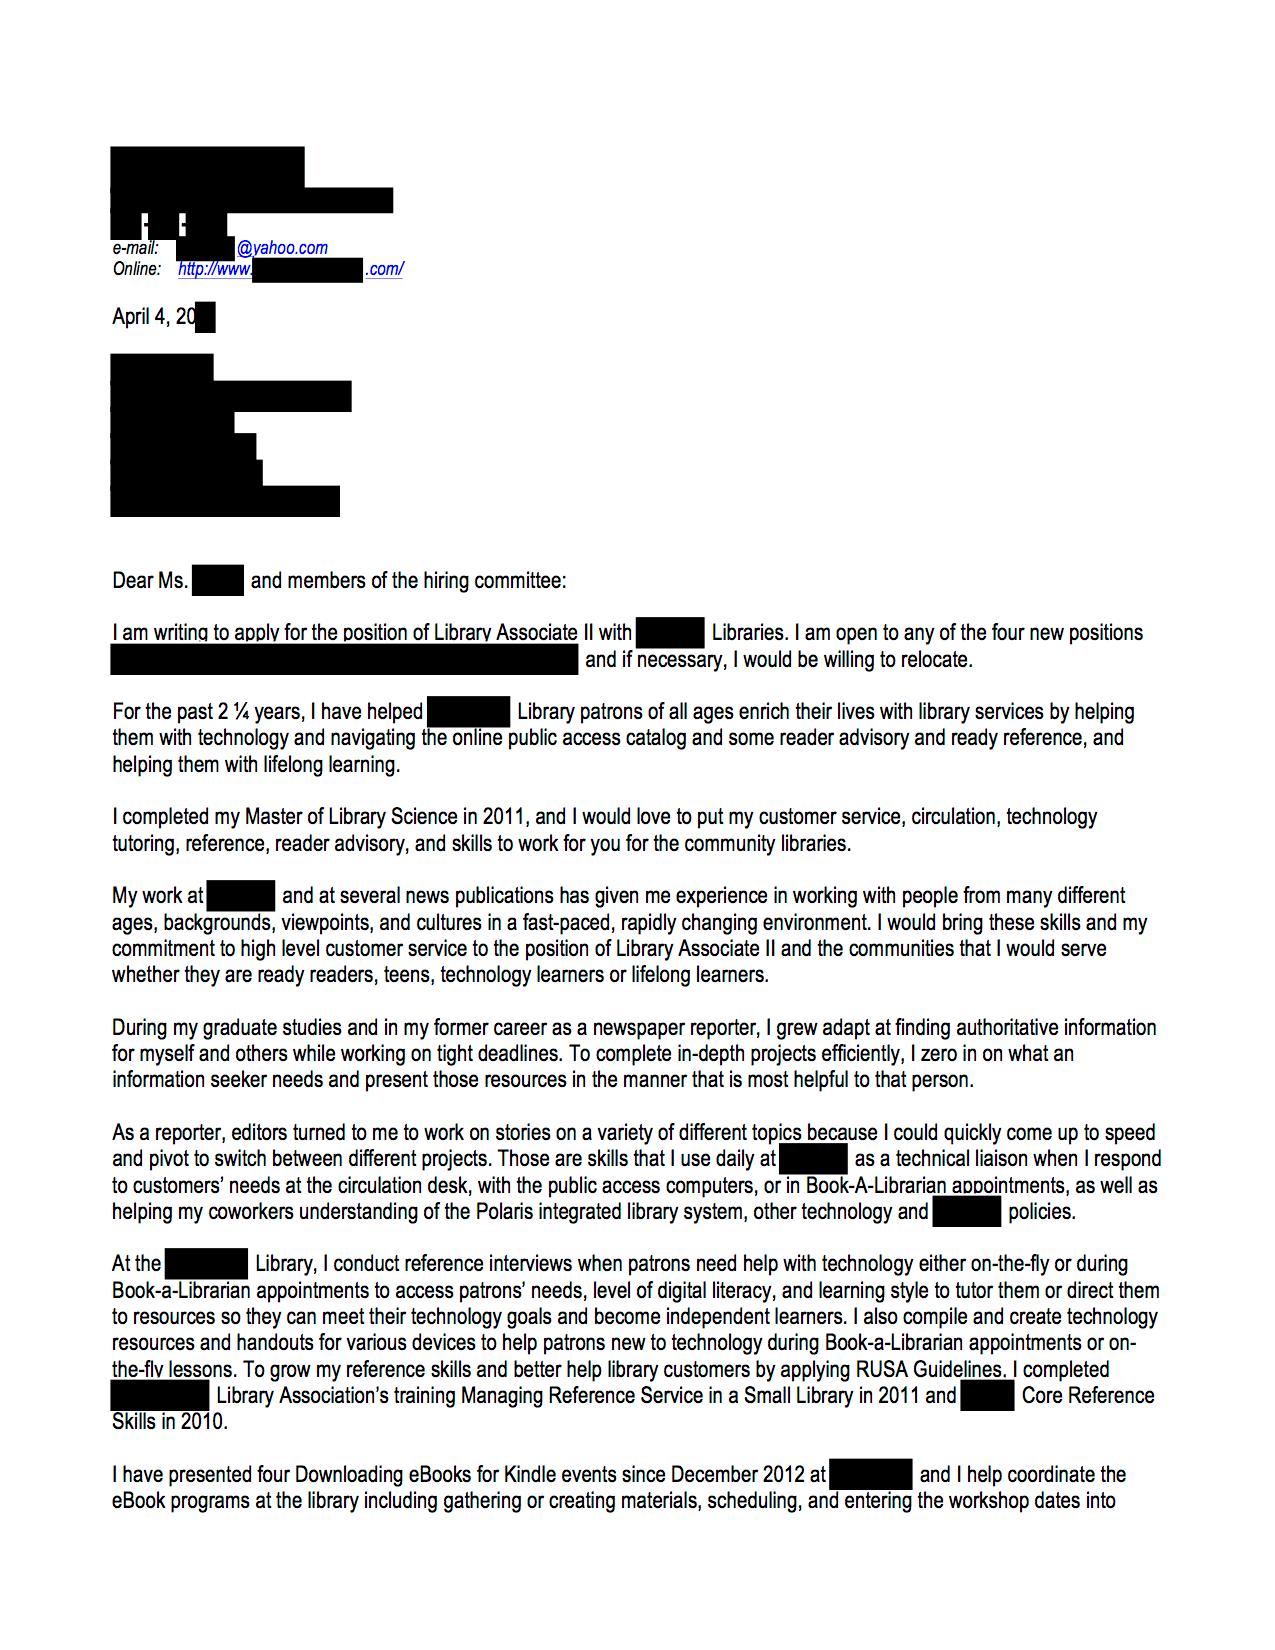 Public Services Open Cover Letters